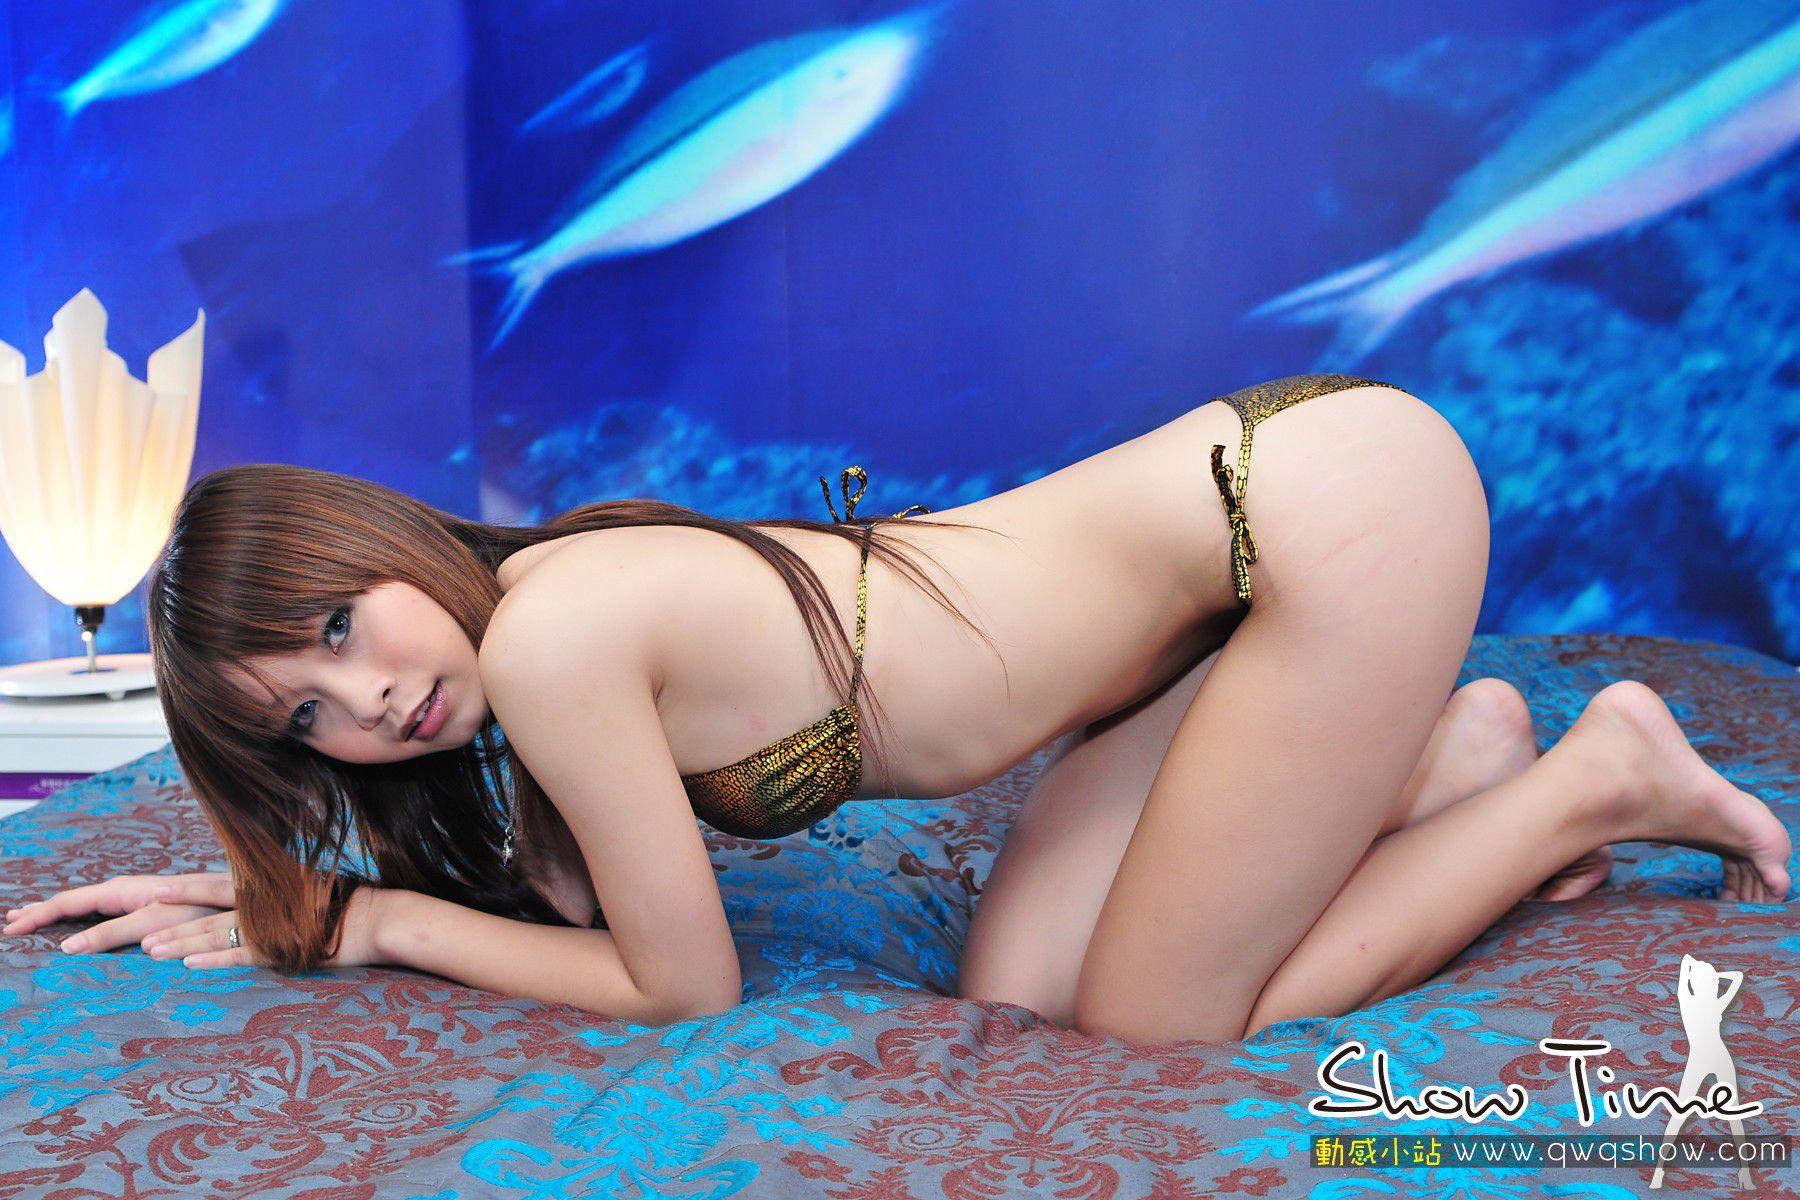 VOL.1152 [动感之星]泳装:猫咪(动感小站猫咪,动感之星猫咪)高品质写真套图(45P)